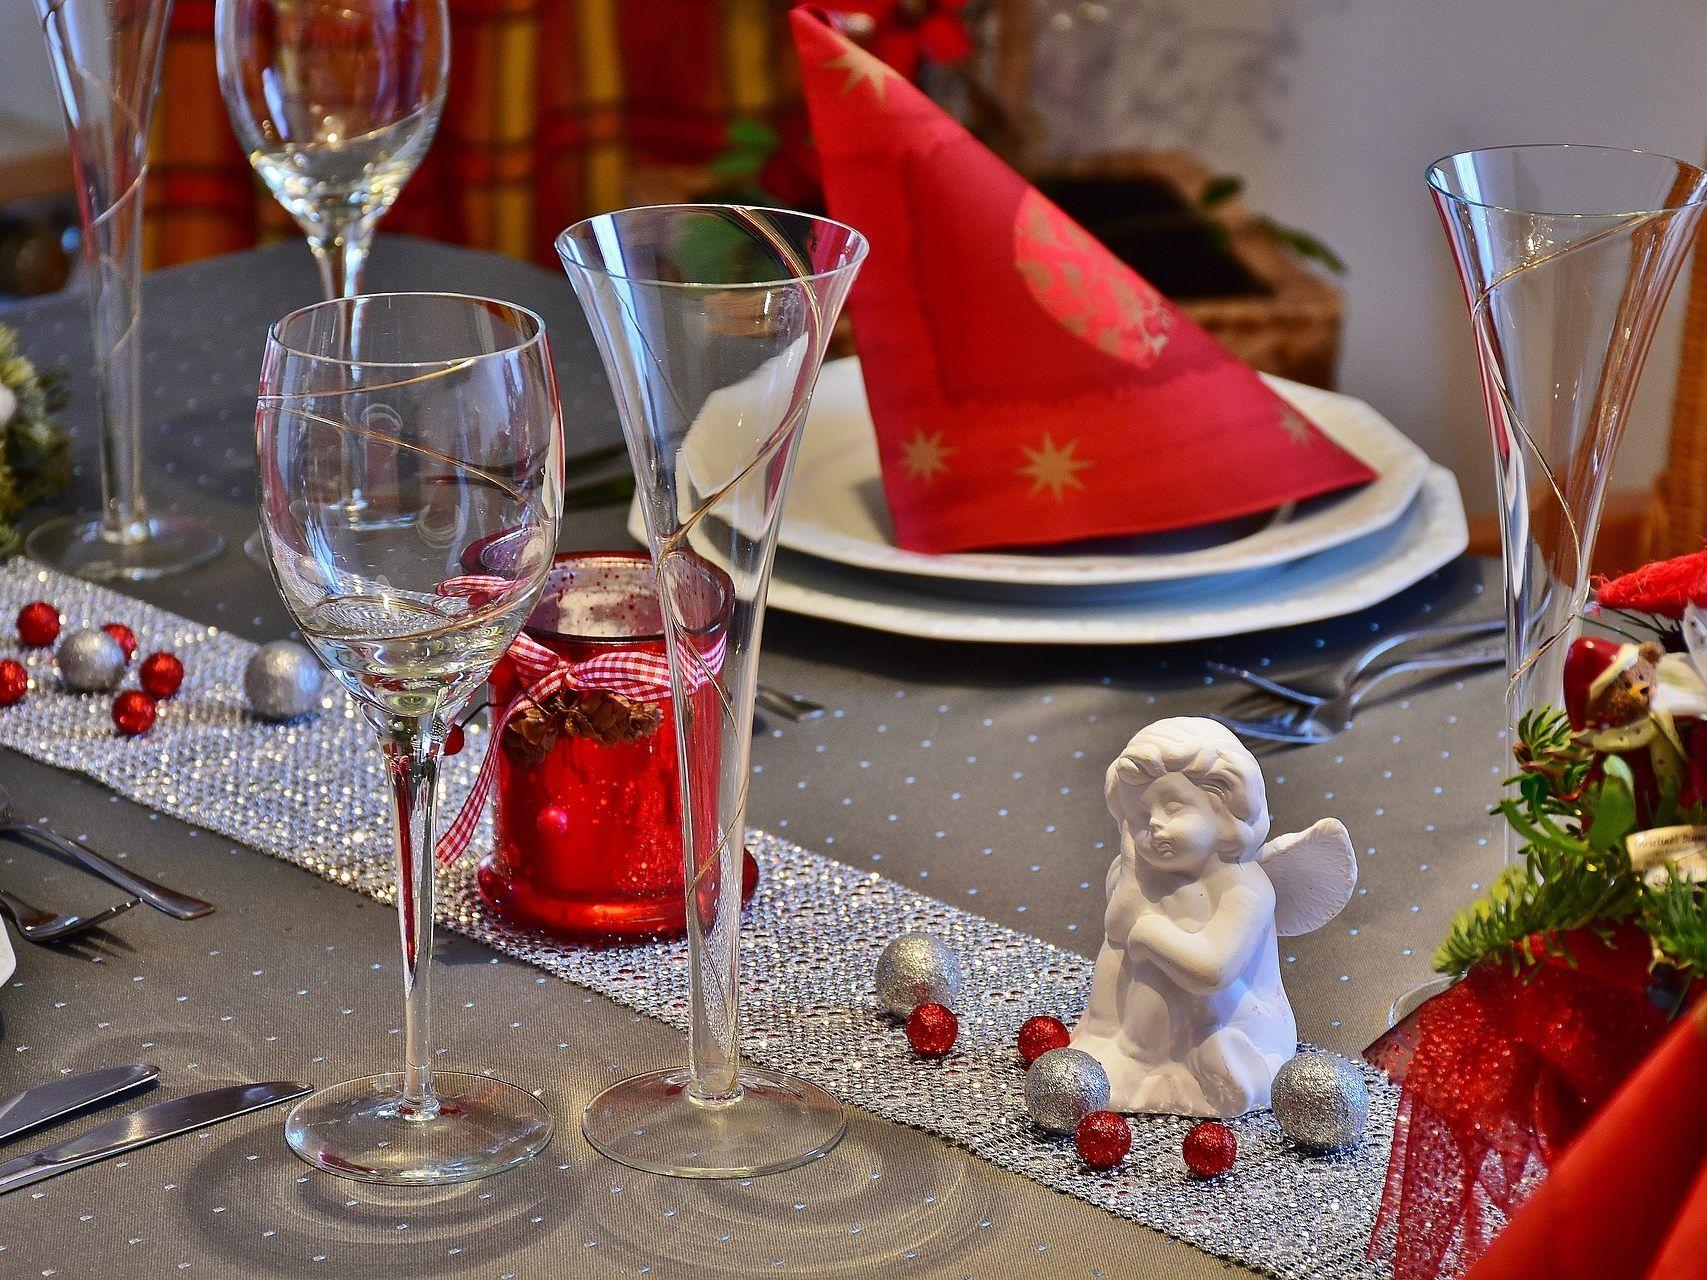 Tipps Für Weihnachtsessen.Weihnachtsessen Tipps Zur Vermeidung Von Lebensmittel Abfällen